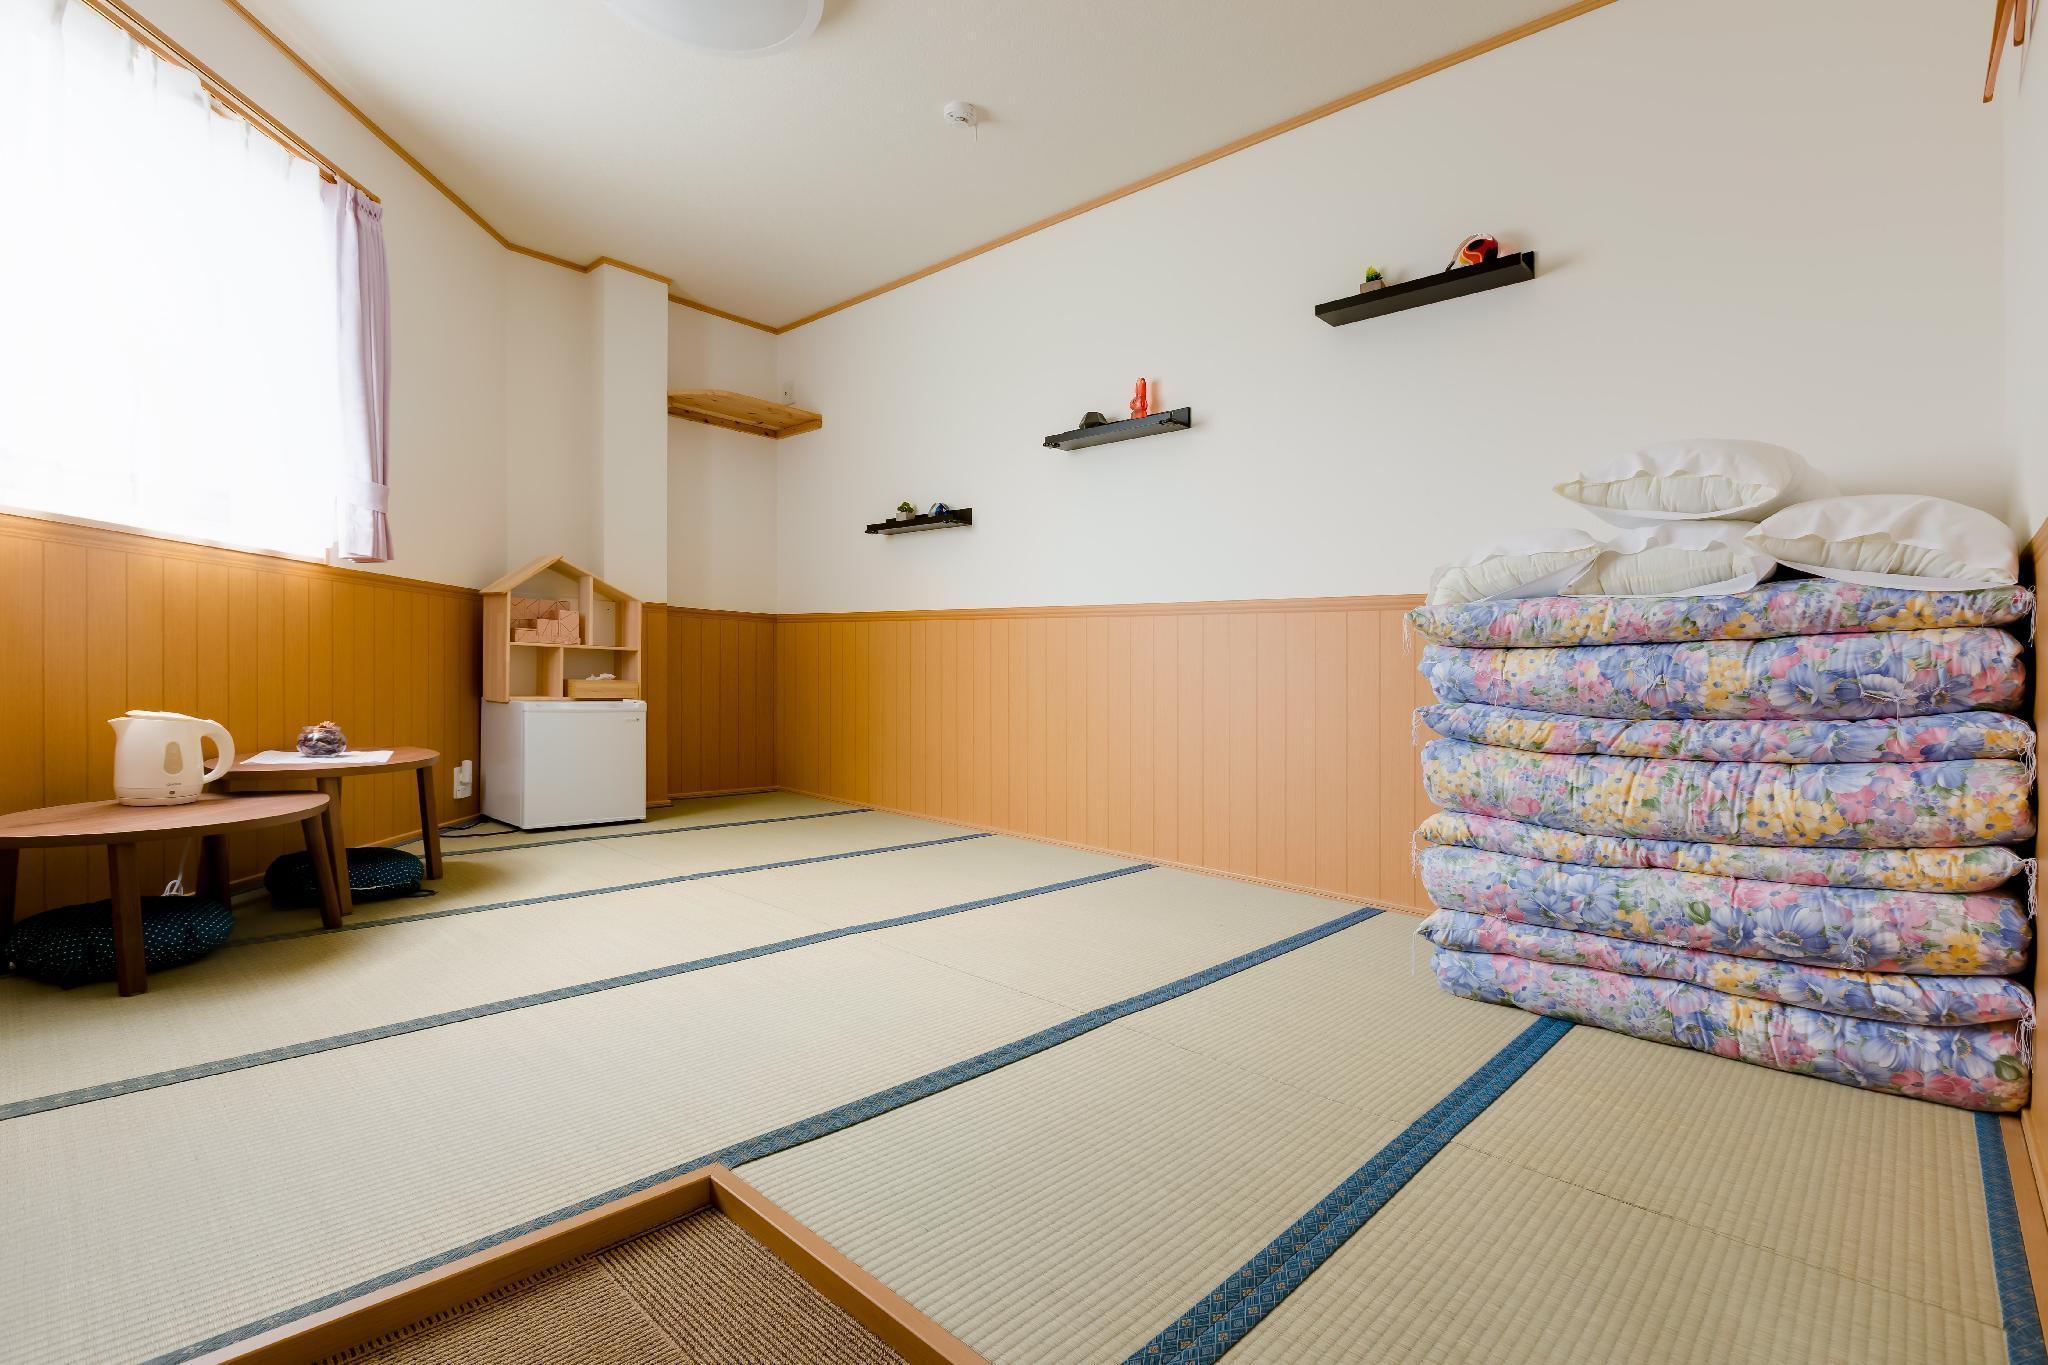 ABC GUEST HOUSE, Izumisano